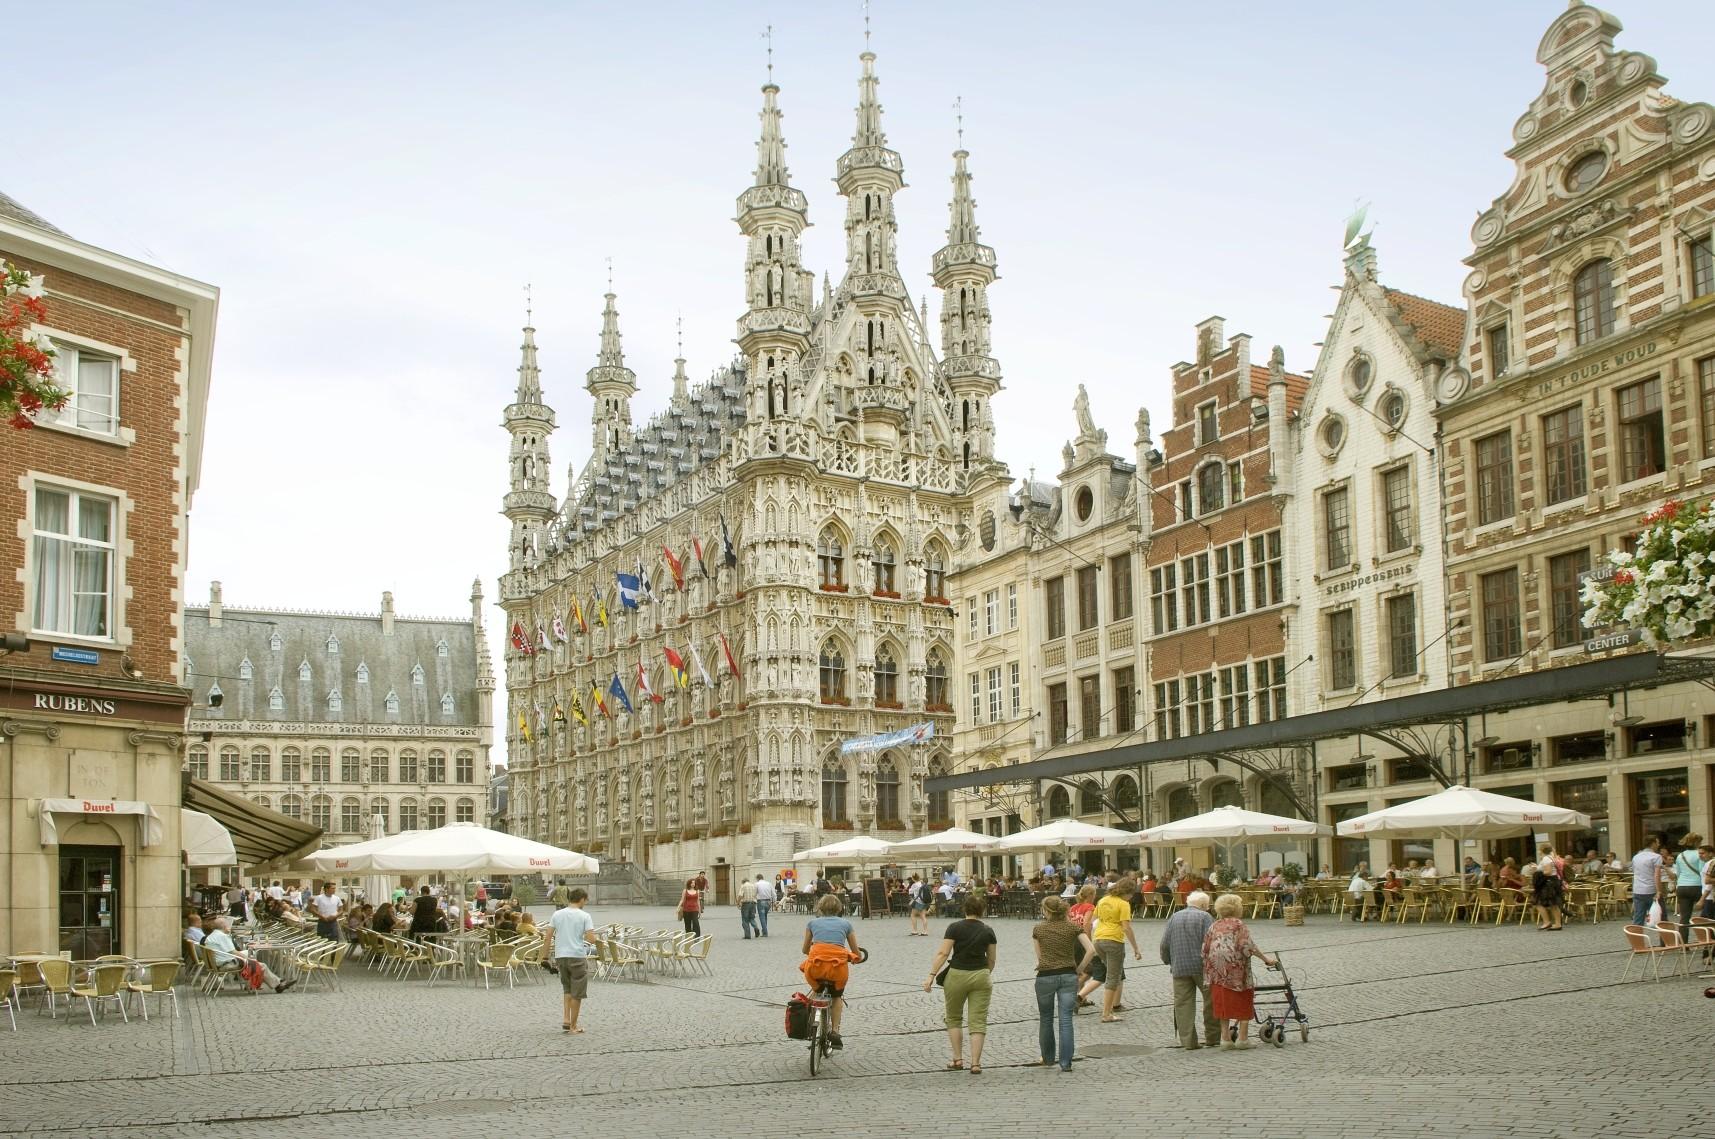 Mon expérience Erasmus à Louvain, Belgique par Fulvio